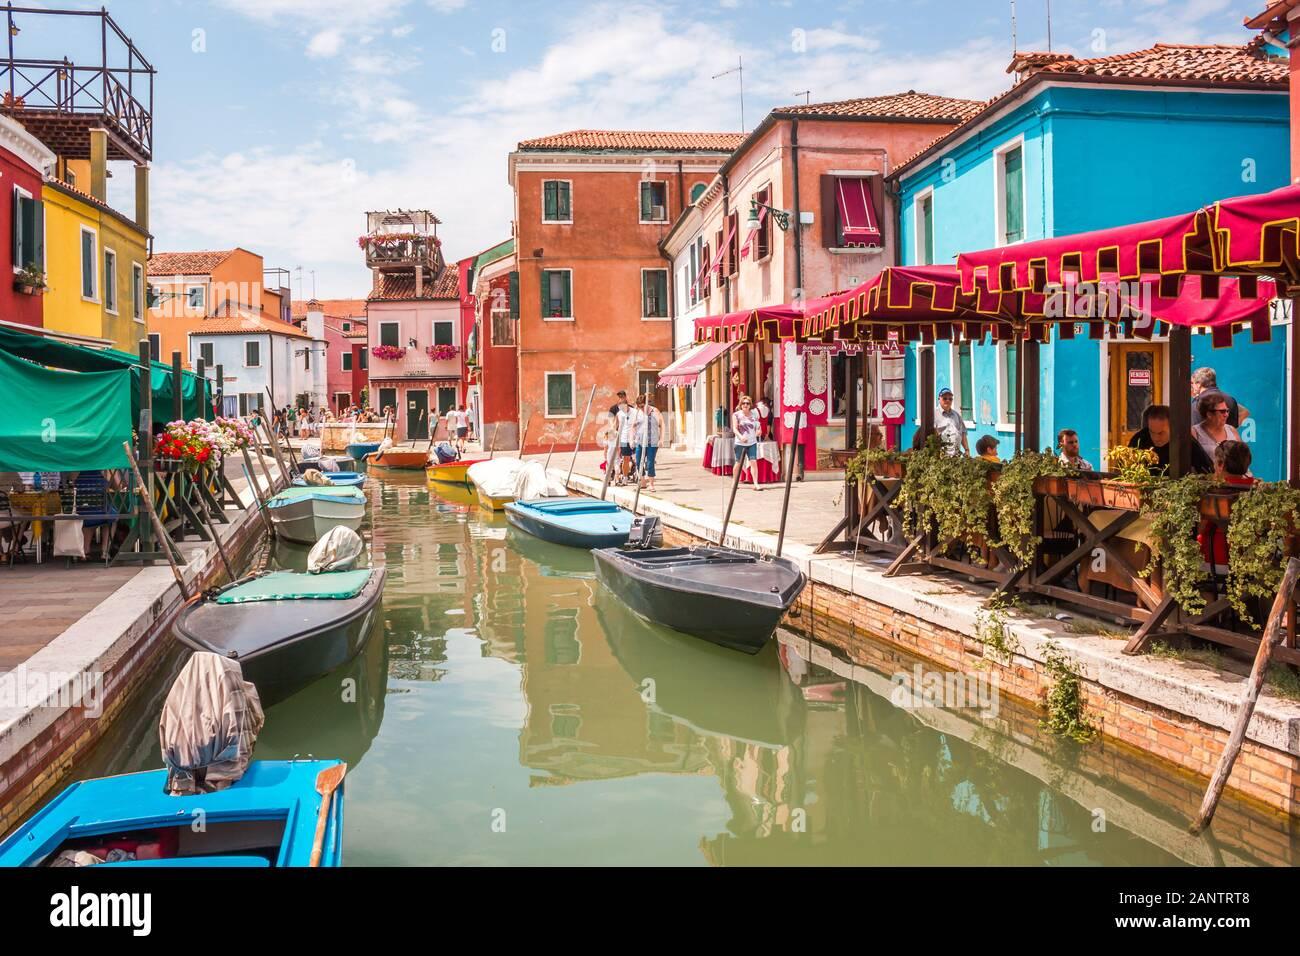 Canal de rue sur l'île de Burano, Venise, Italie, juillet 2012 - Canal étroit parmi les vieilles maisons en briques colorées à Burano, Venise. Carte postale de Burano Banque D'Images